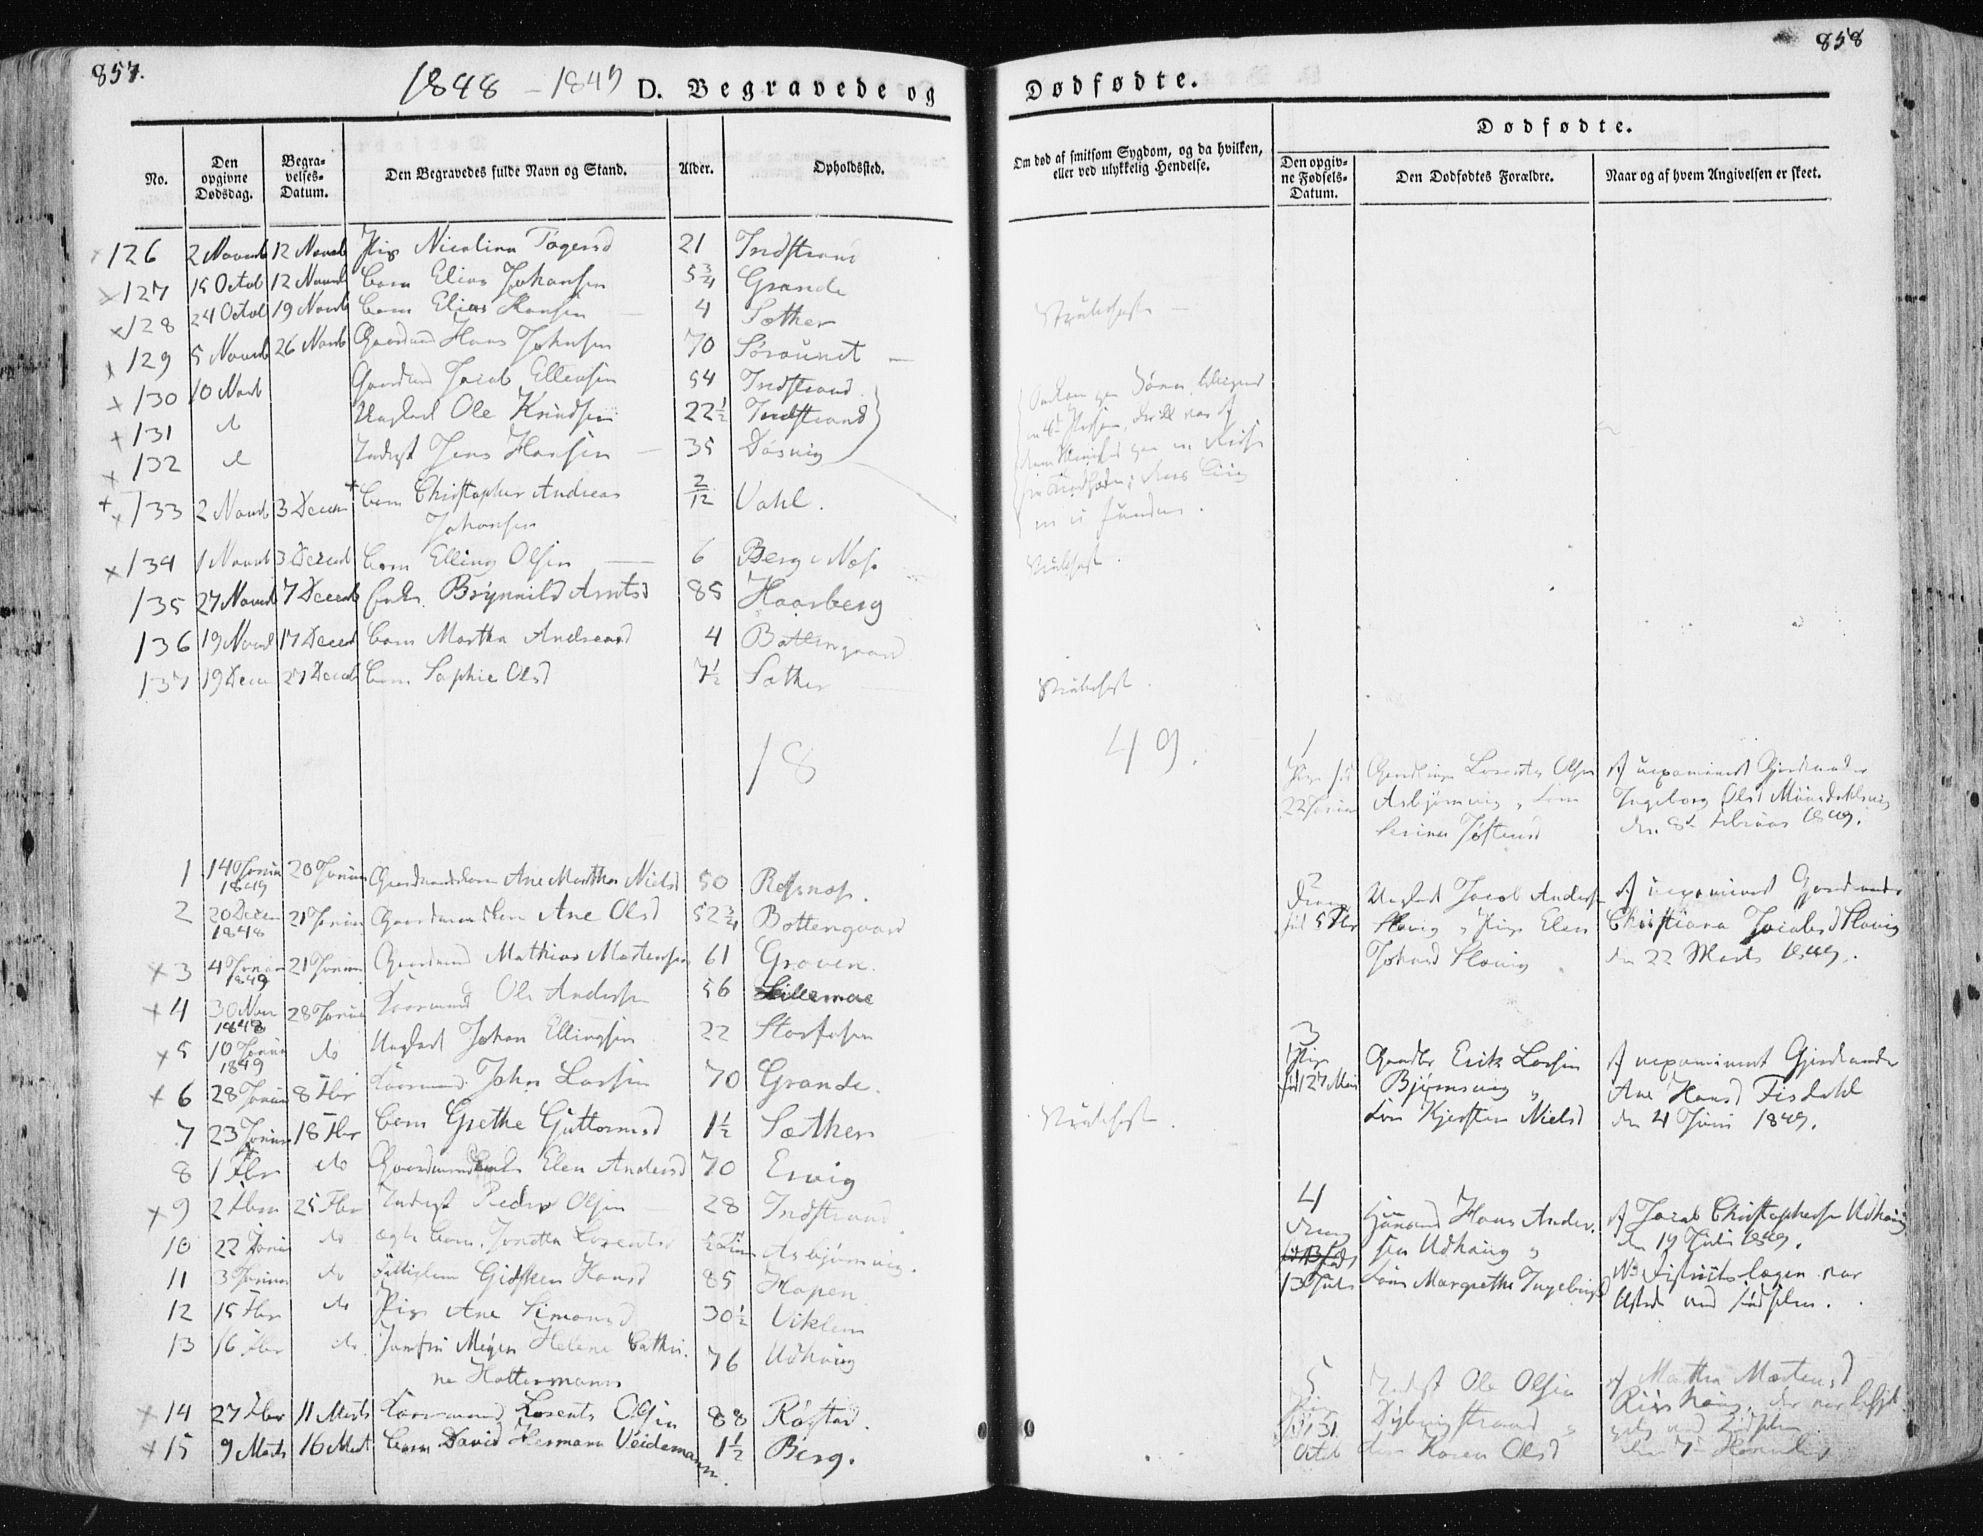 SAT, Ministerialprotokoller, klokkerbøker og fødselsregistre - Sør-Trøndelag, 659/L0736: Ministerialbok nr. 659A06, 1842-1856, s. 857-858